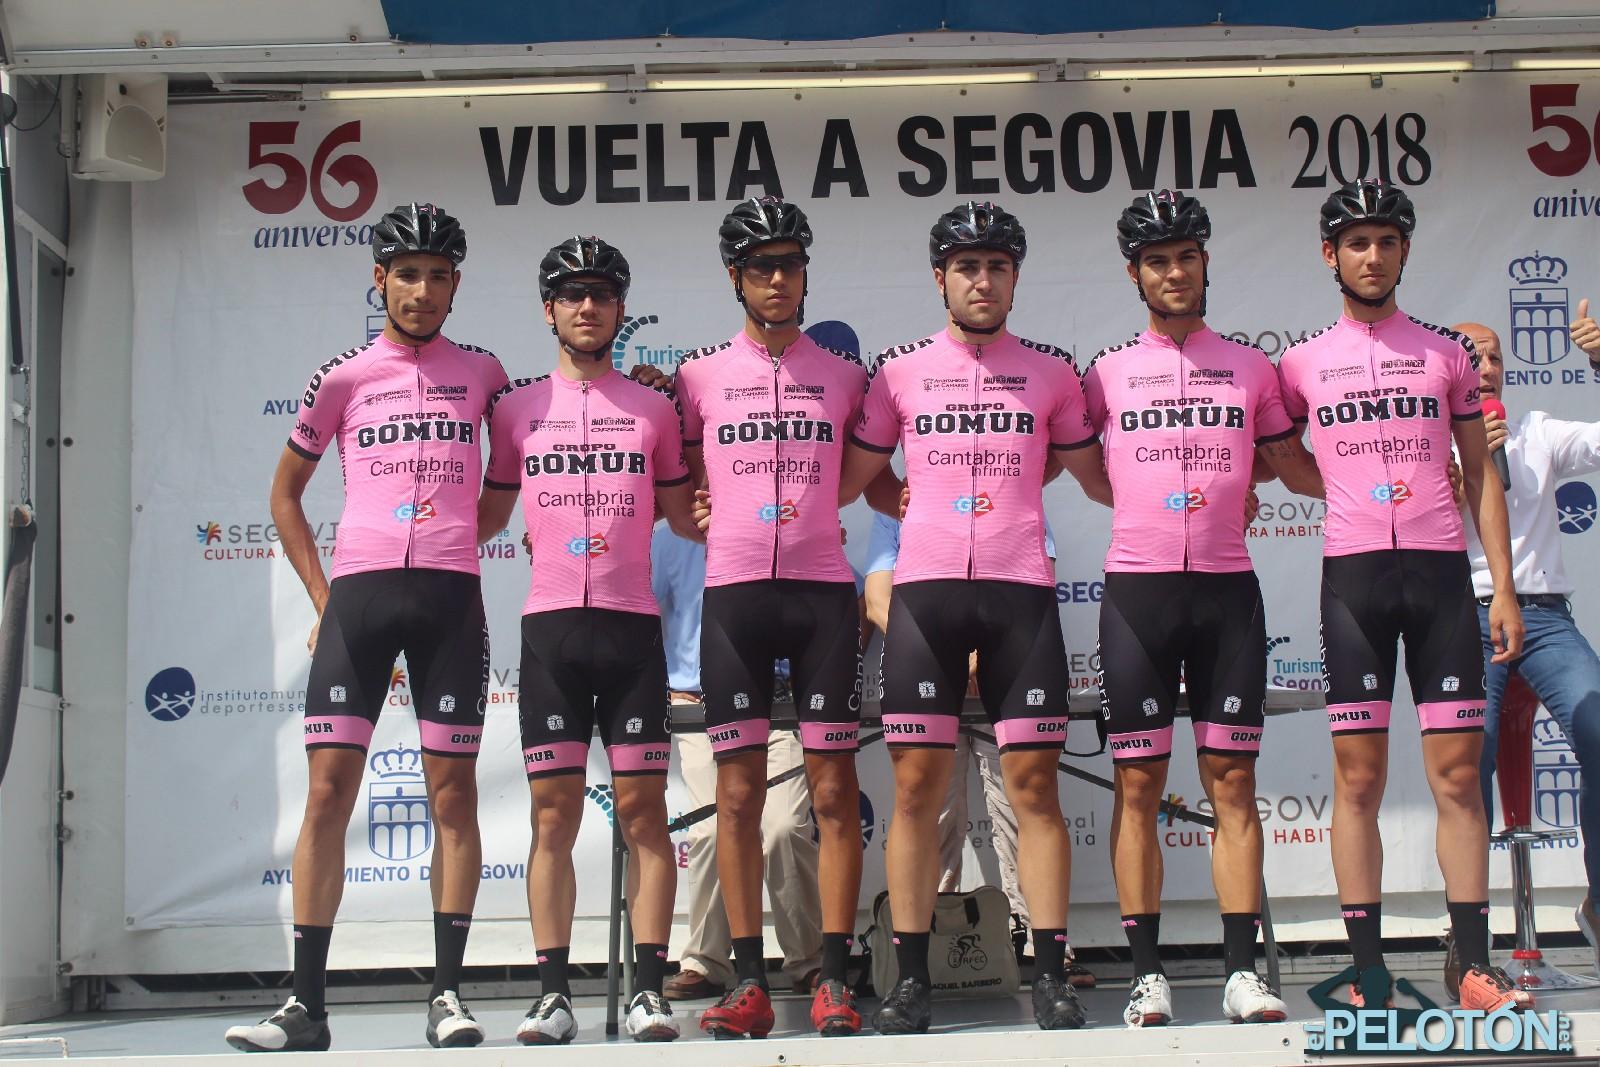 Gomur Cantabria Vuelta Segovia 2018